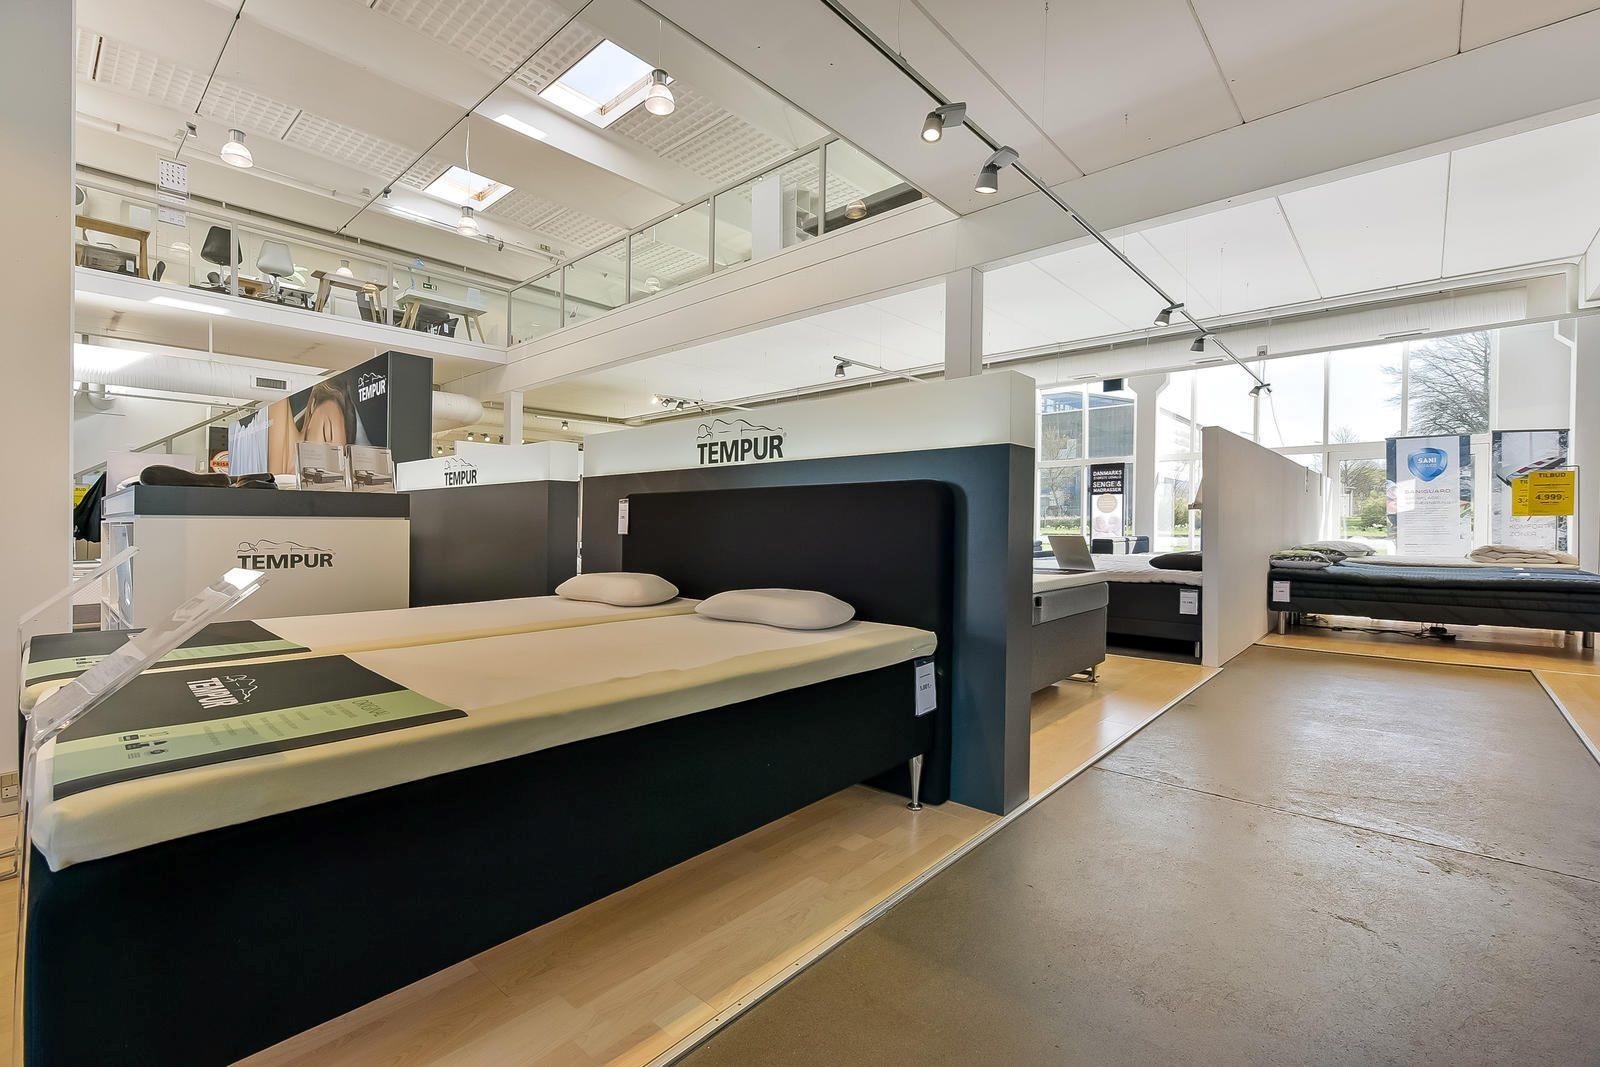 Bolig/erhverv på Nålemagervej i Aalborg - Forretningslokale